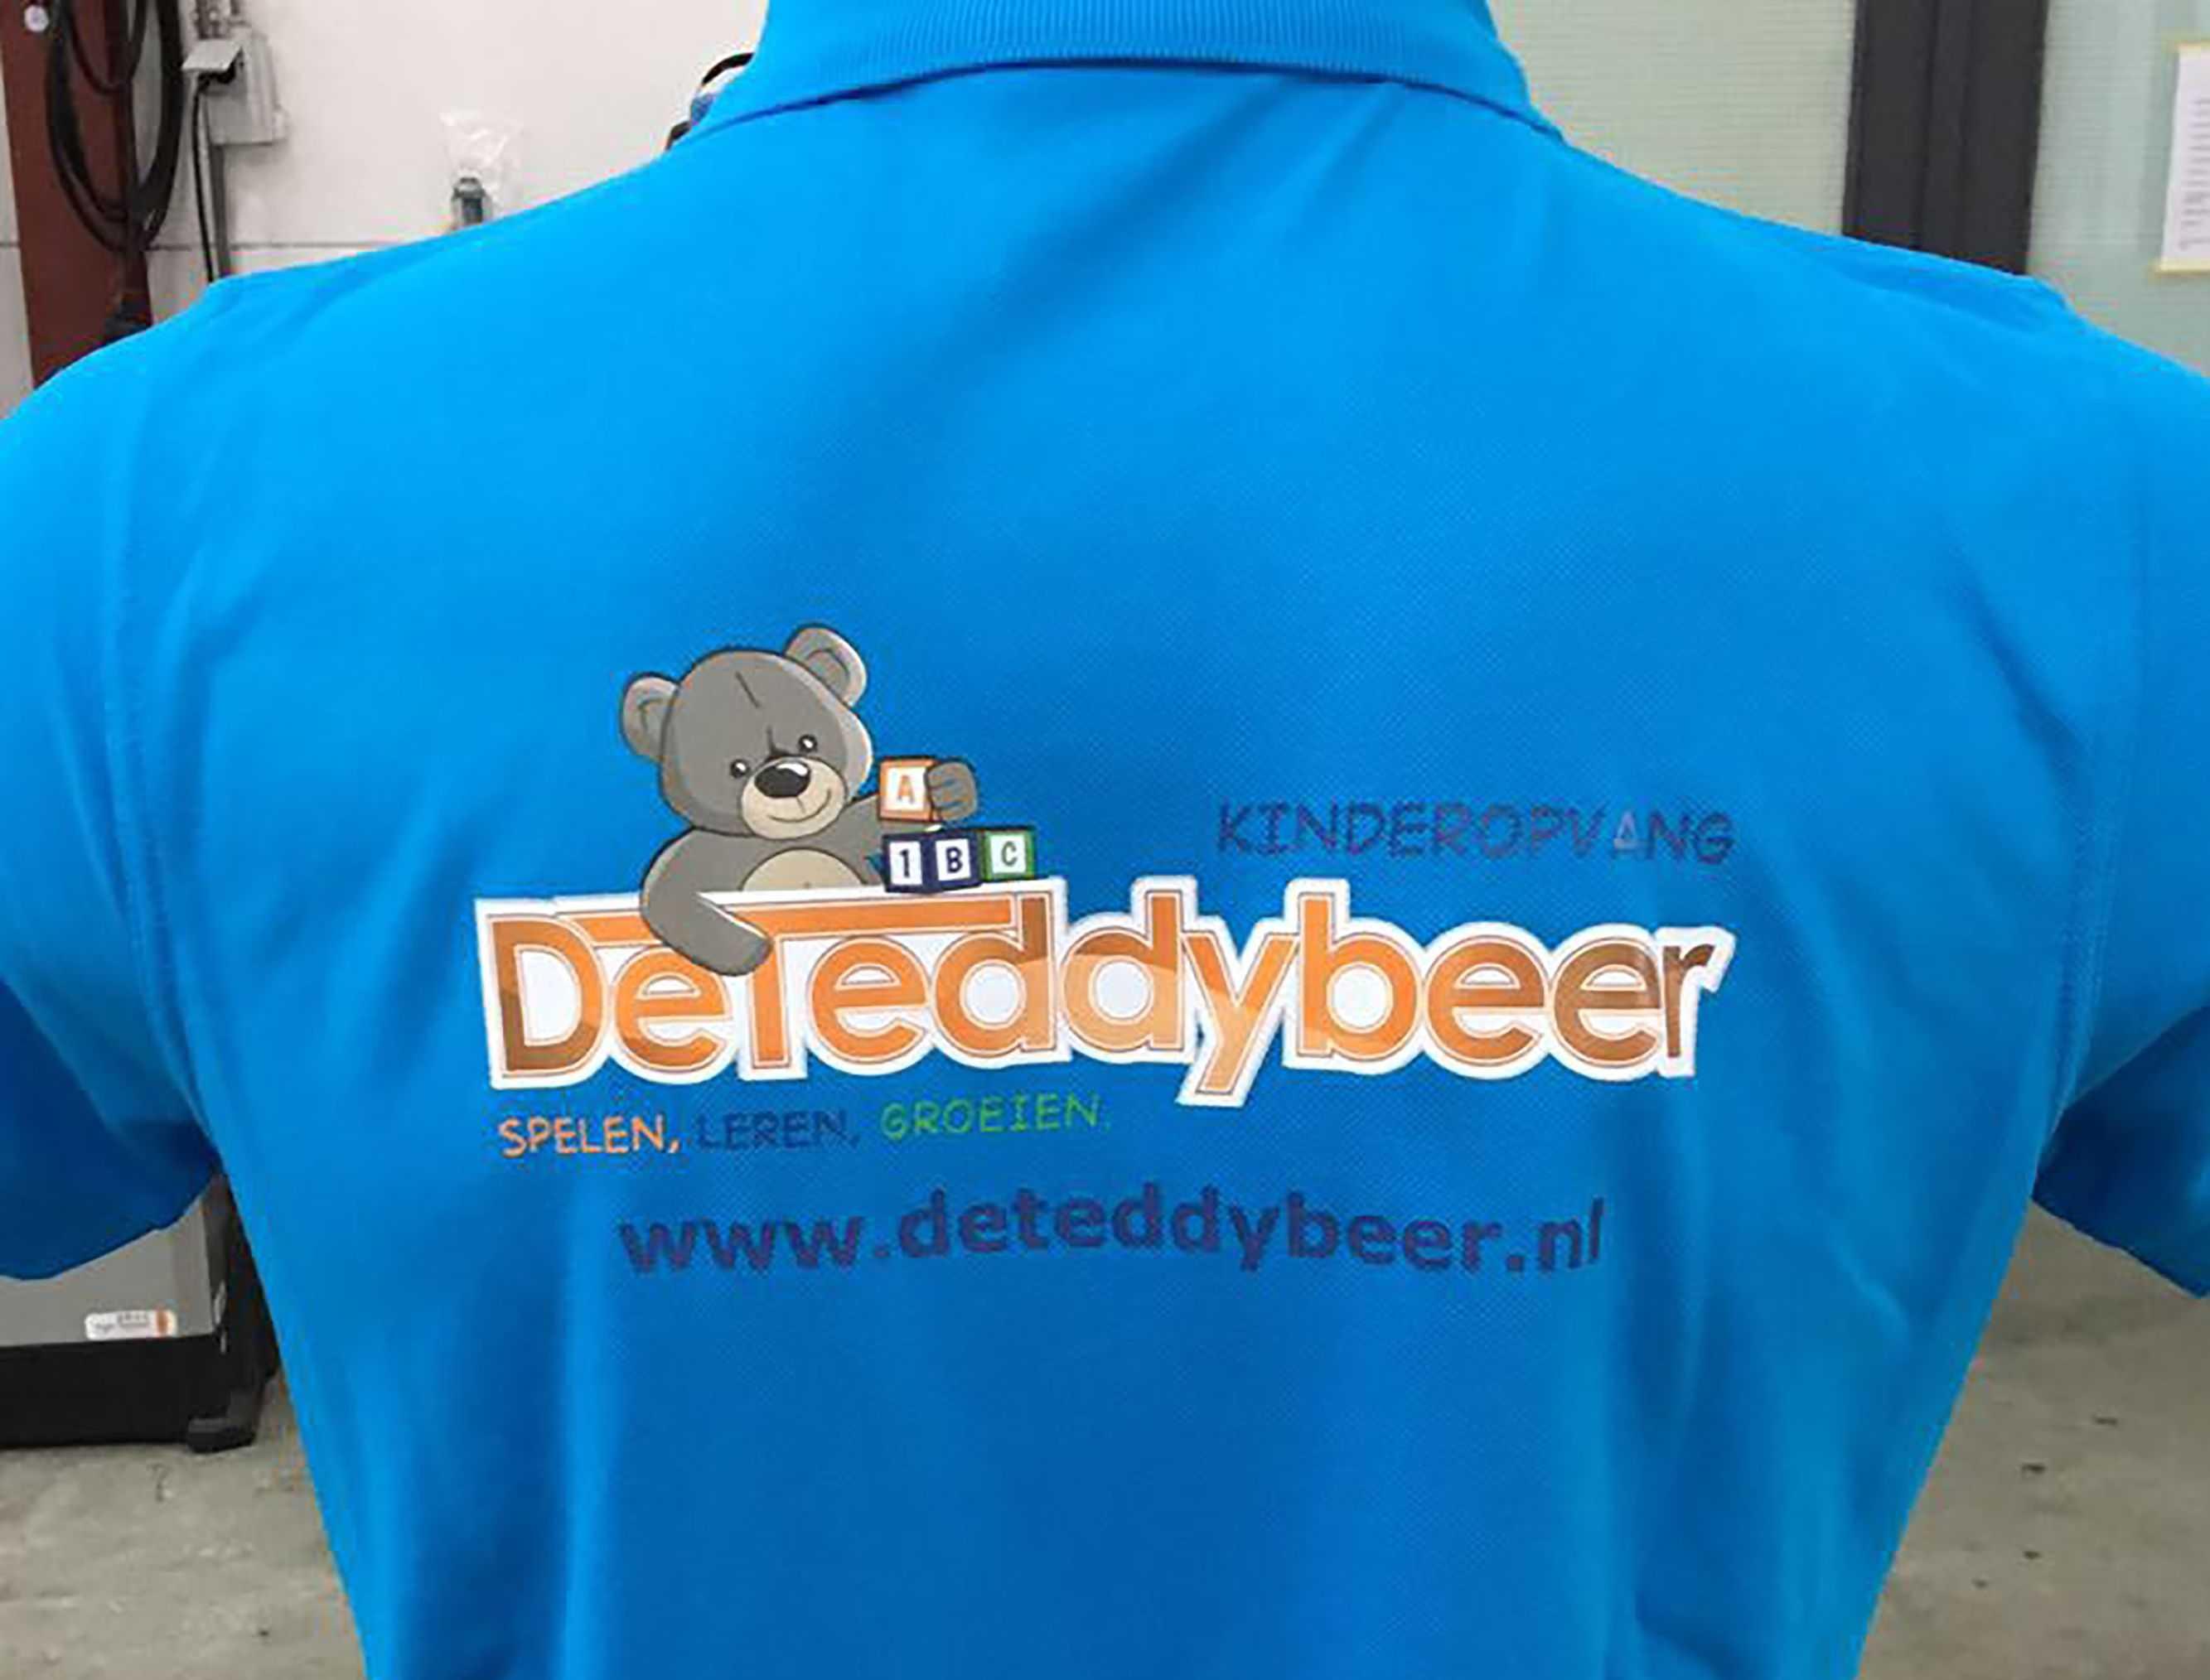 Blauwe polo met logo van De teddybeer